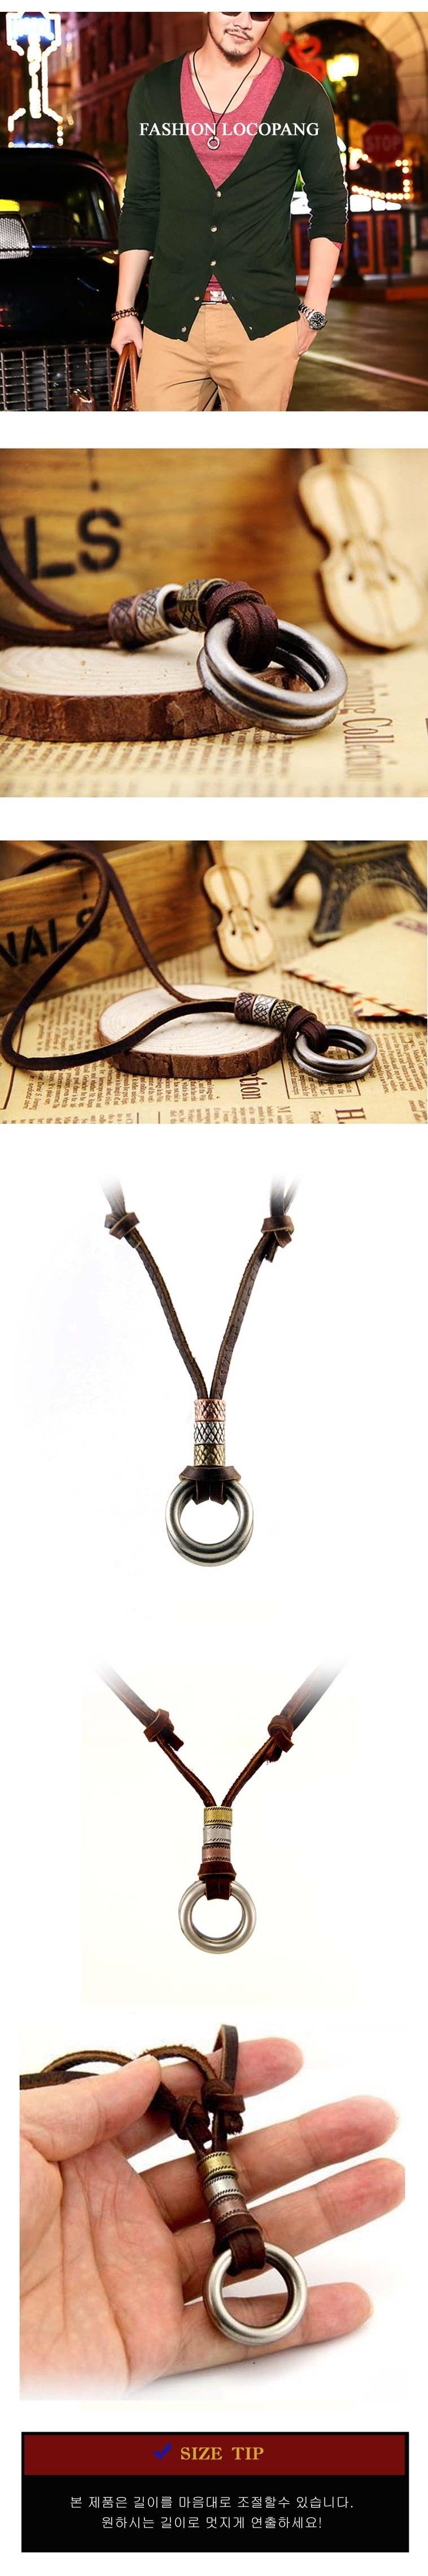 남성패션 목걸이 (1) - 로꼬팡, 6,900원, 패션, 패션목걸이